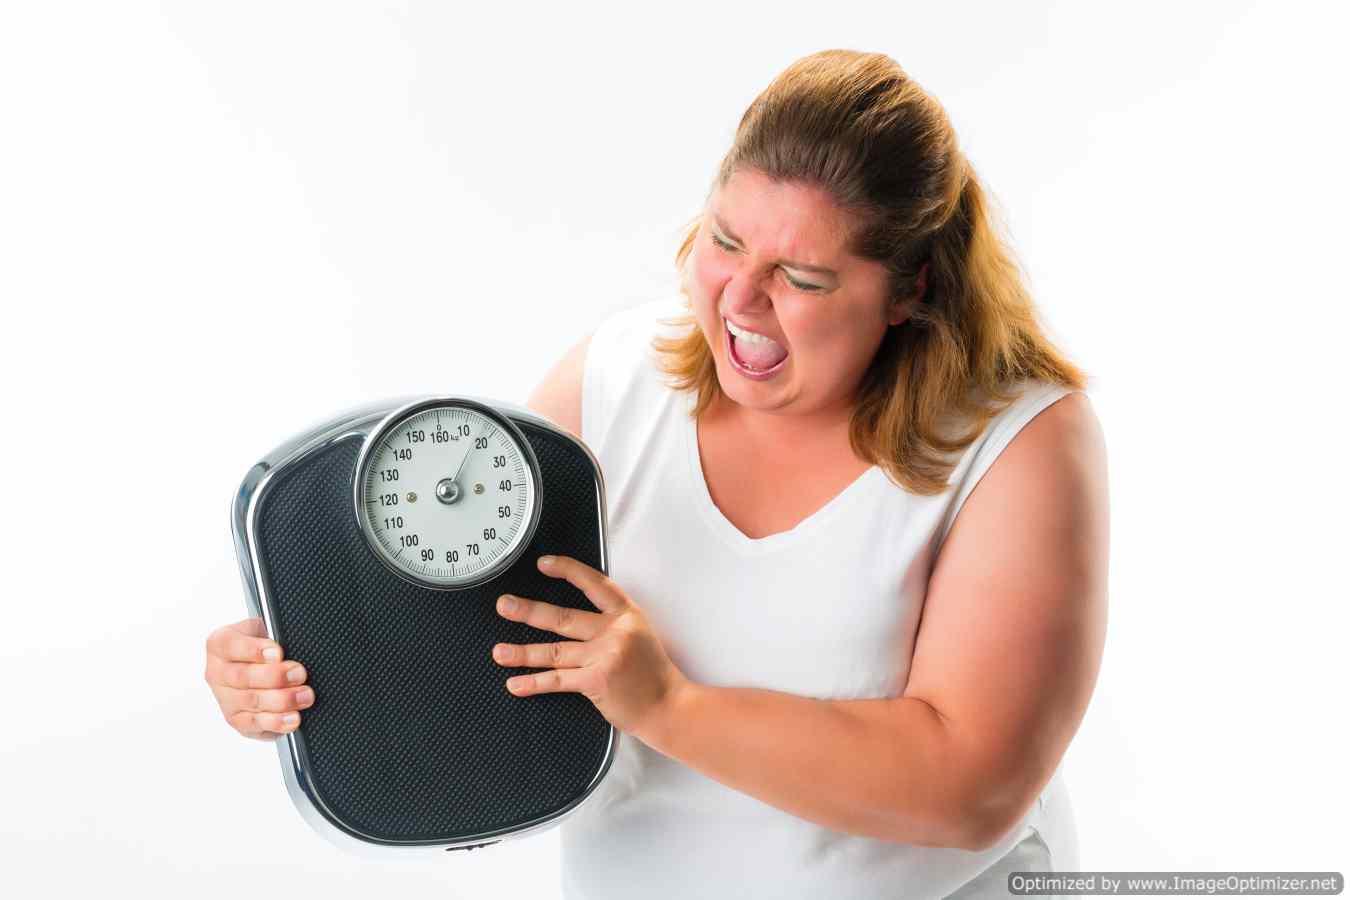 אשה אוחזת במשקל אדם